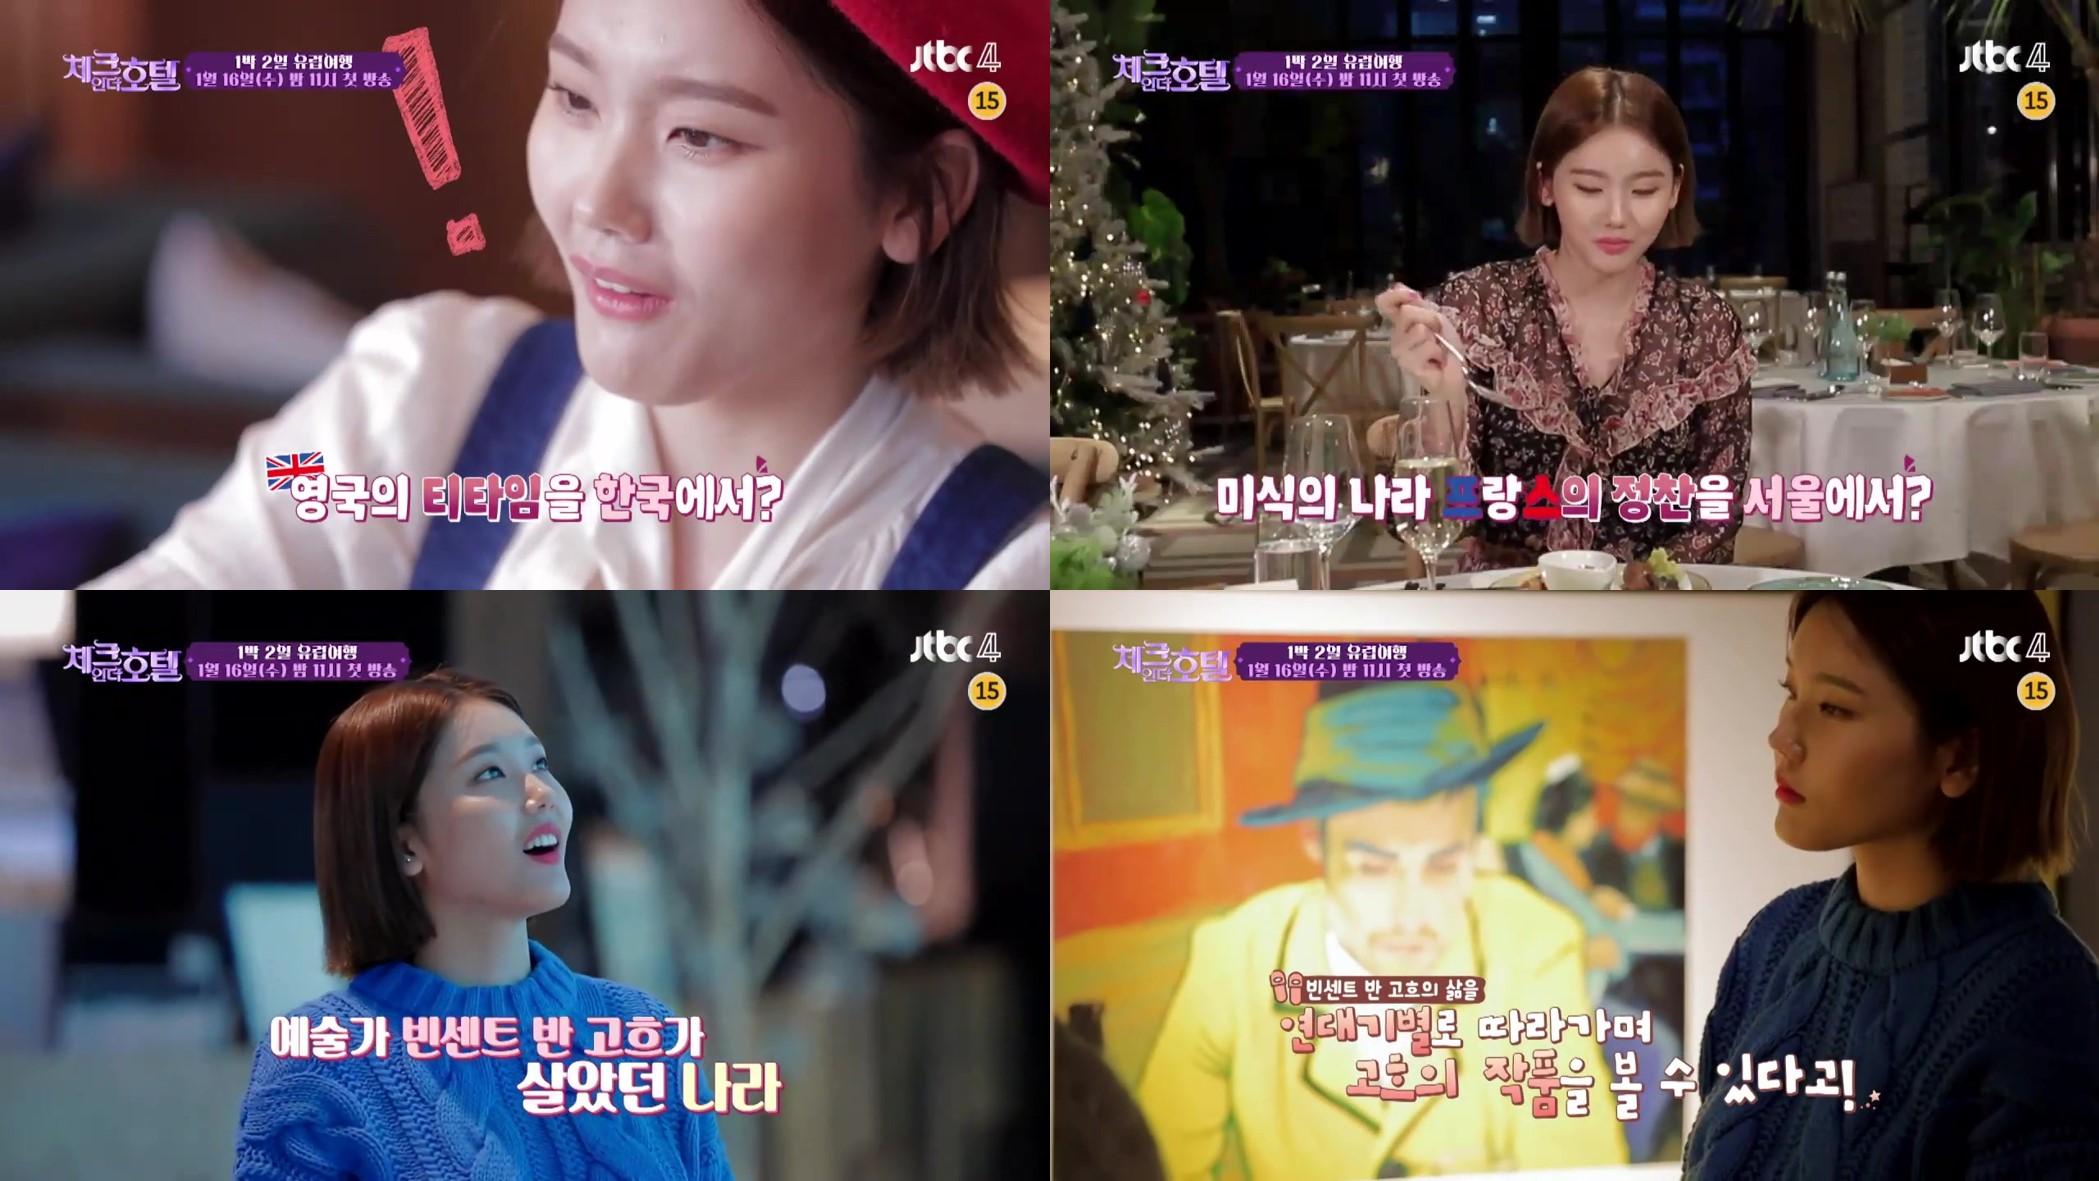 예능 기대주 심소영, '체크 인 더 호텔' 톡톡 튀는 에너지 뽐내